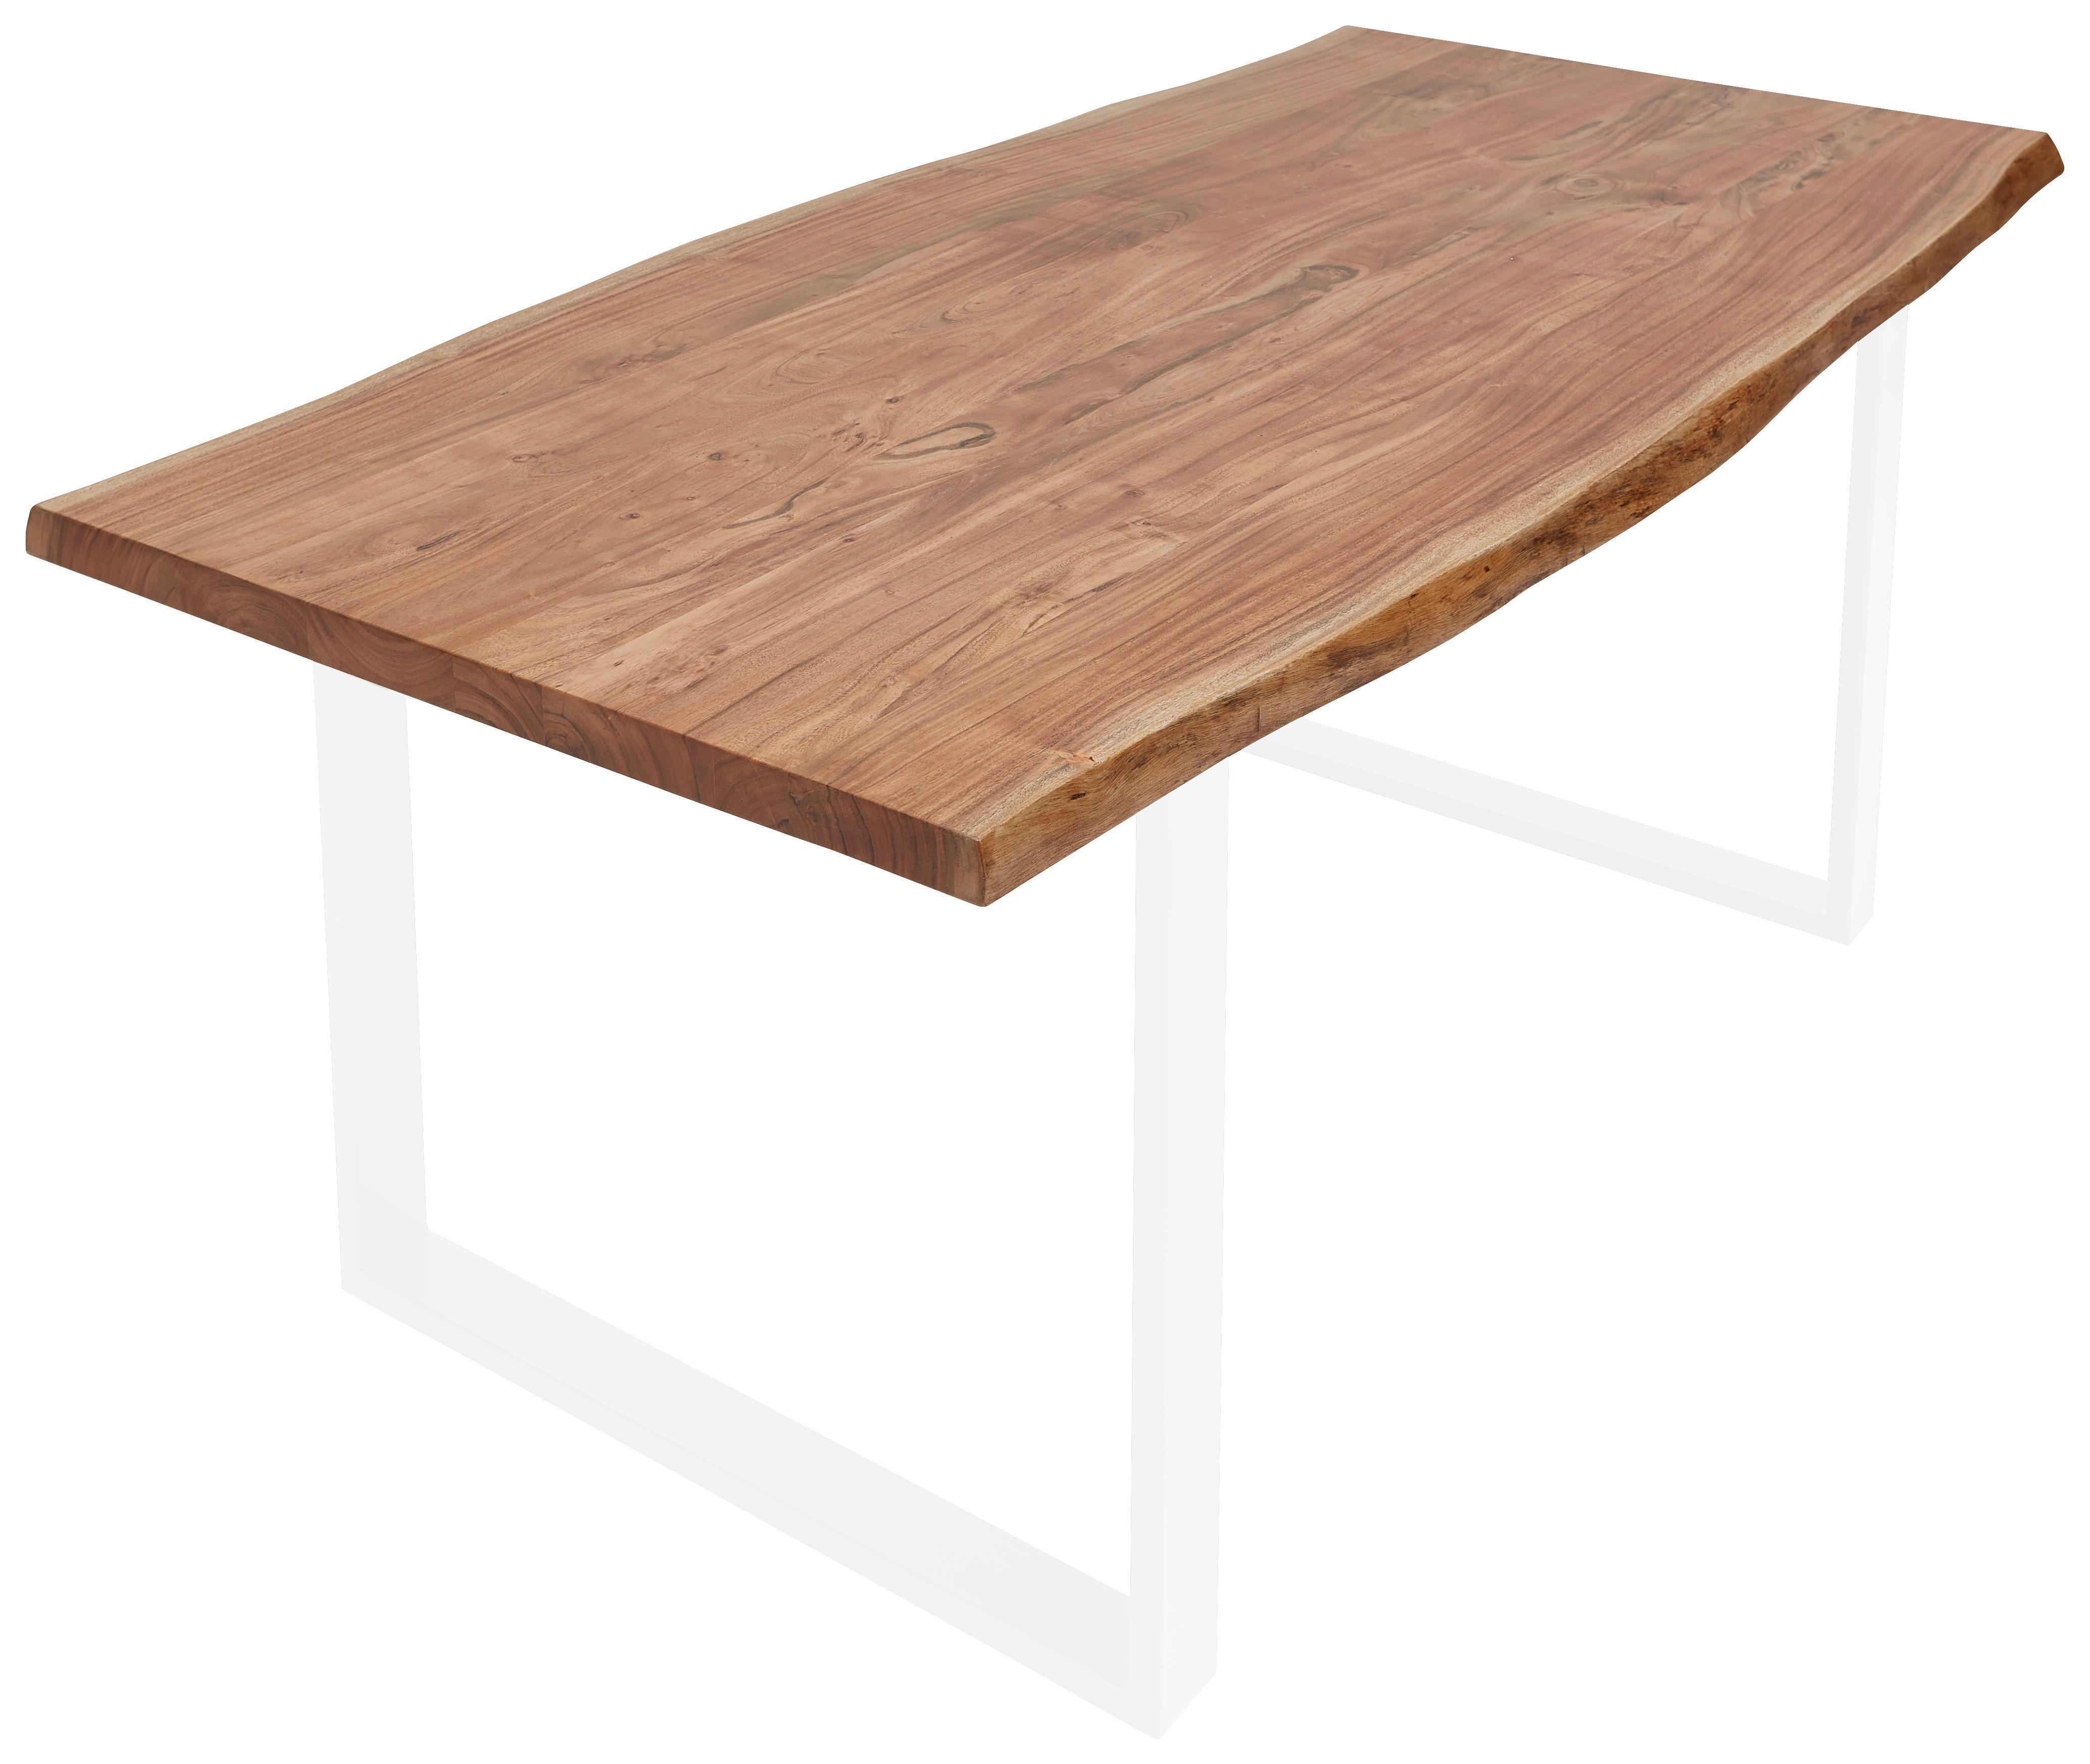 Tischplatte Aus Akazie Massiv Online Bestellen